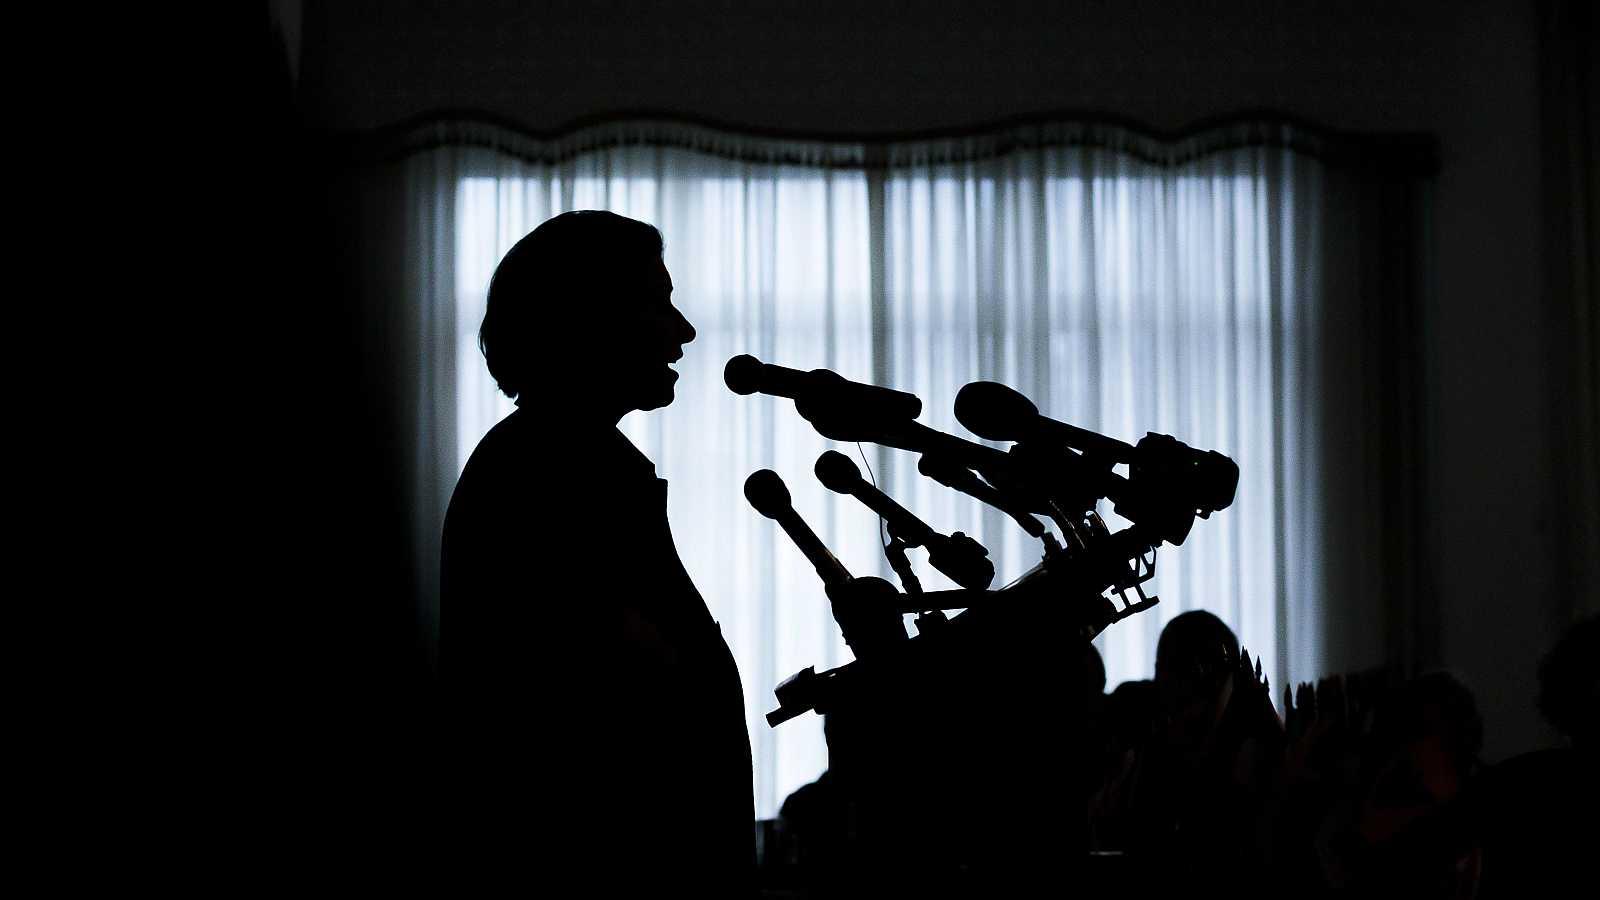 La silueta de la candidata Amy Klobuchar durante su mitin de campaña en Nueva Hampshire